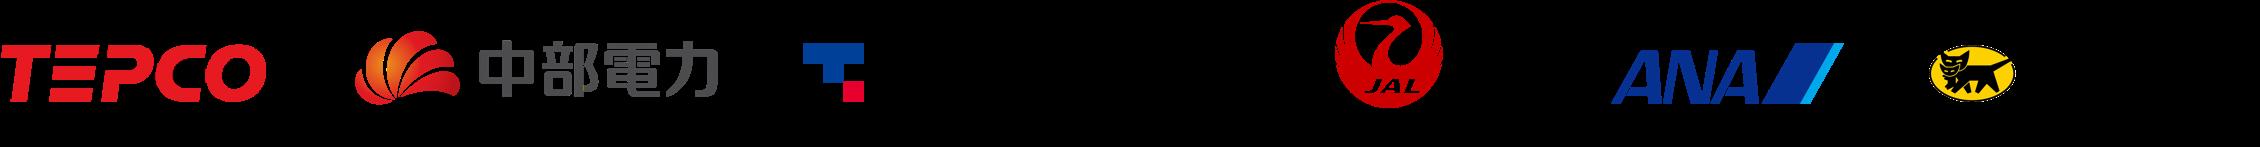 /stf/linecorp/en/pr/logo0301.png